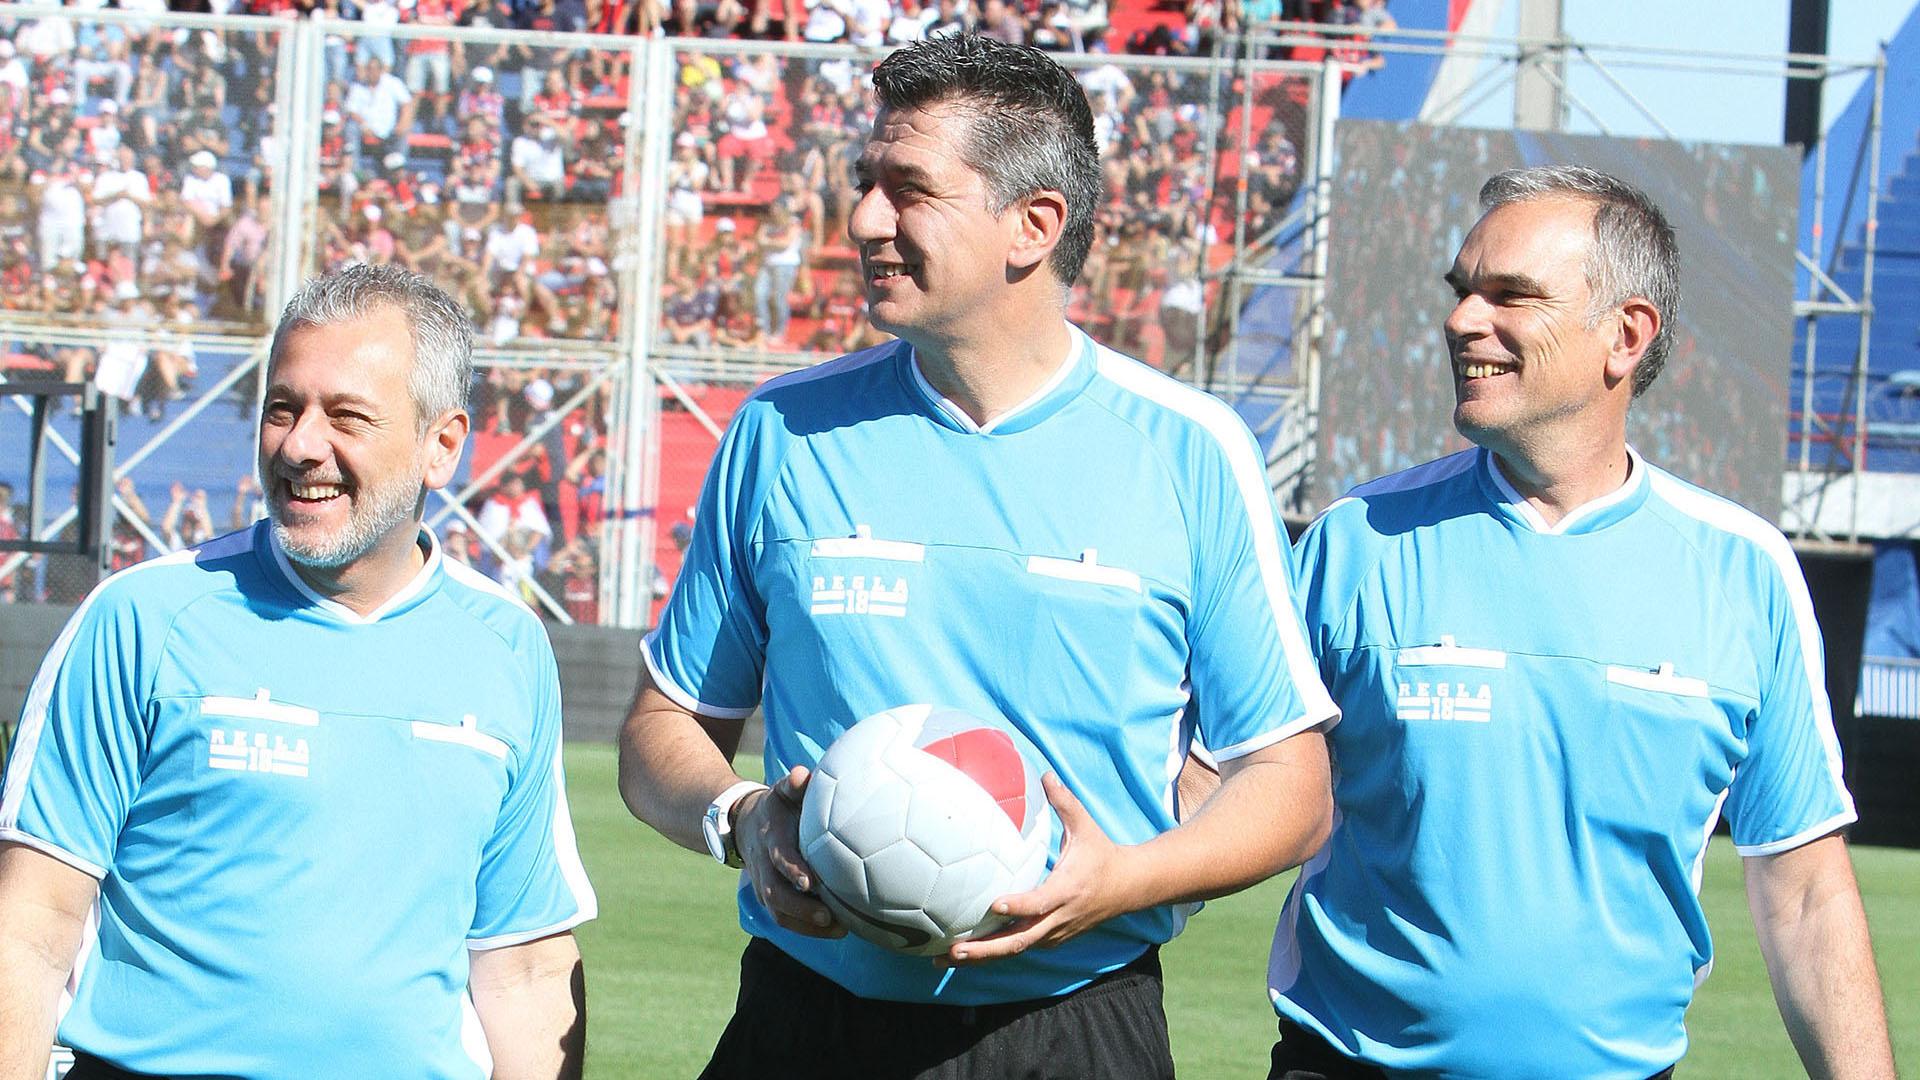 Carlos Maglio, reconocido hincha de San Lorenzo, fue el árbitro del encuentro (Matías Souto)